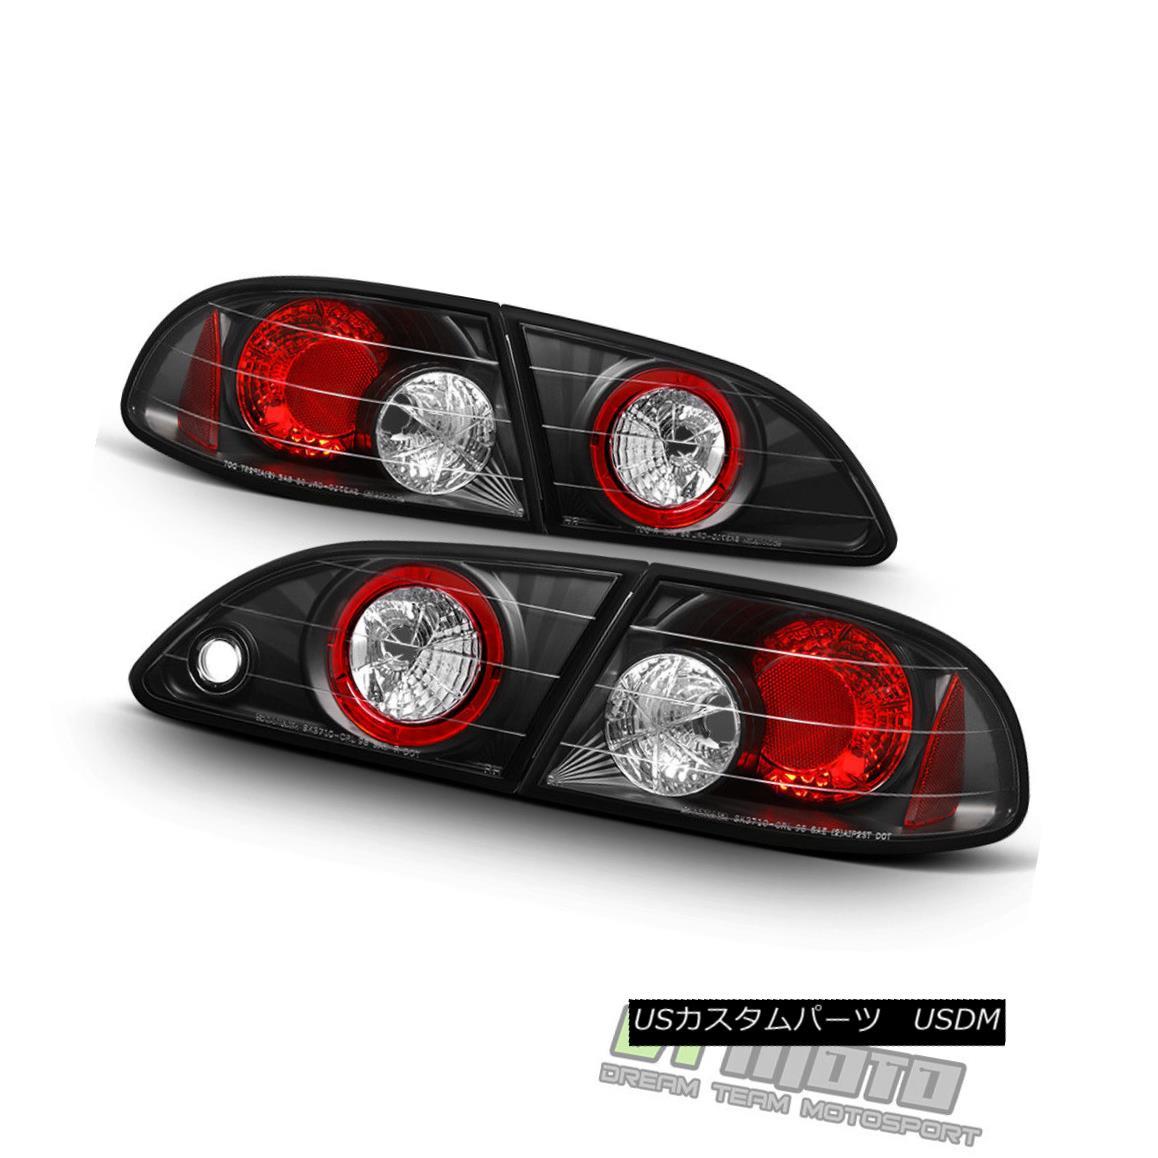 テールライト Black Tail Lights Brake Lamps For 1998-2002 Toyota Corolla CE/LE/VE Left+Right ブラックテールライトブレーキランプ1998-2002トヨタカローラCE / LE / VE左+右